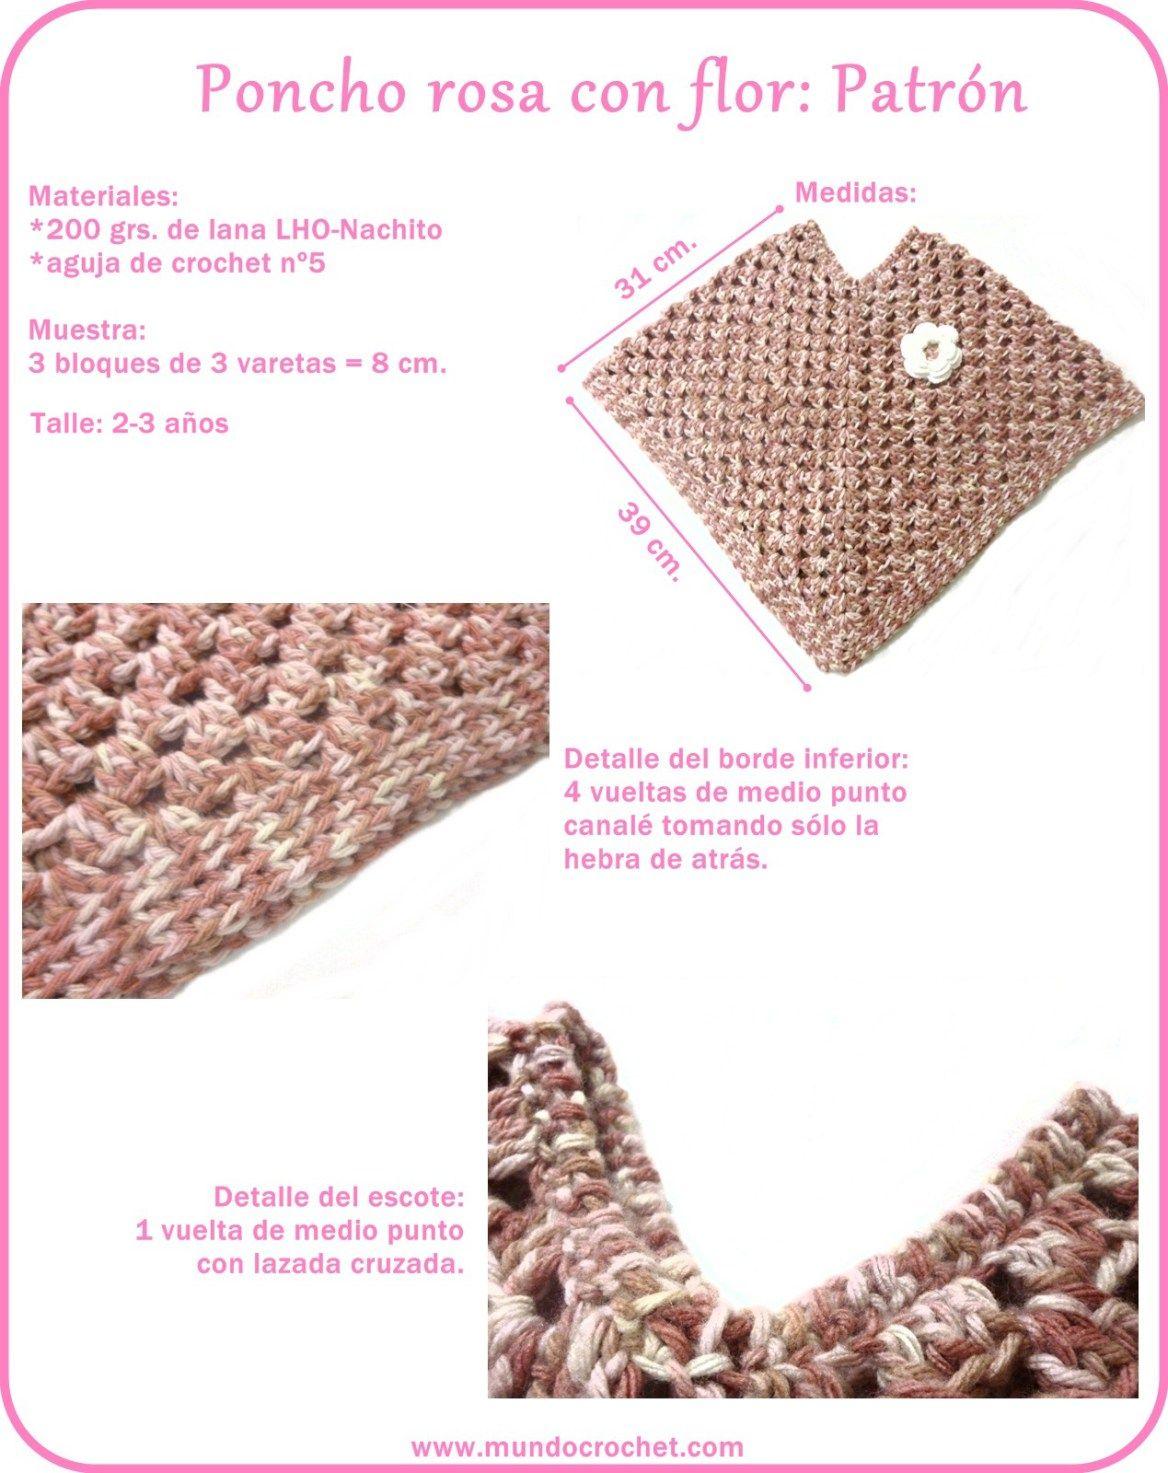 Patron poncho granny a crochet o ganchillo | ponchos | Pinterest ...